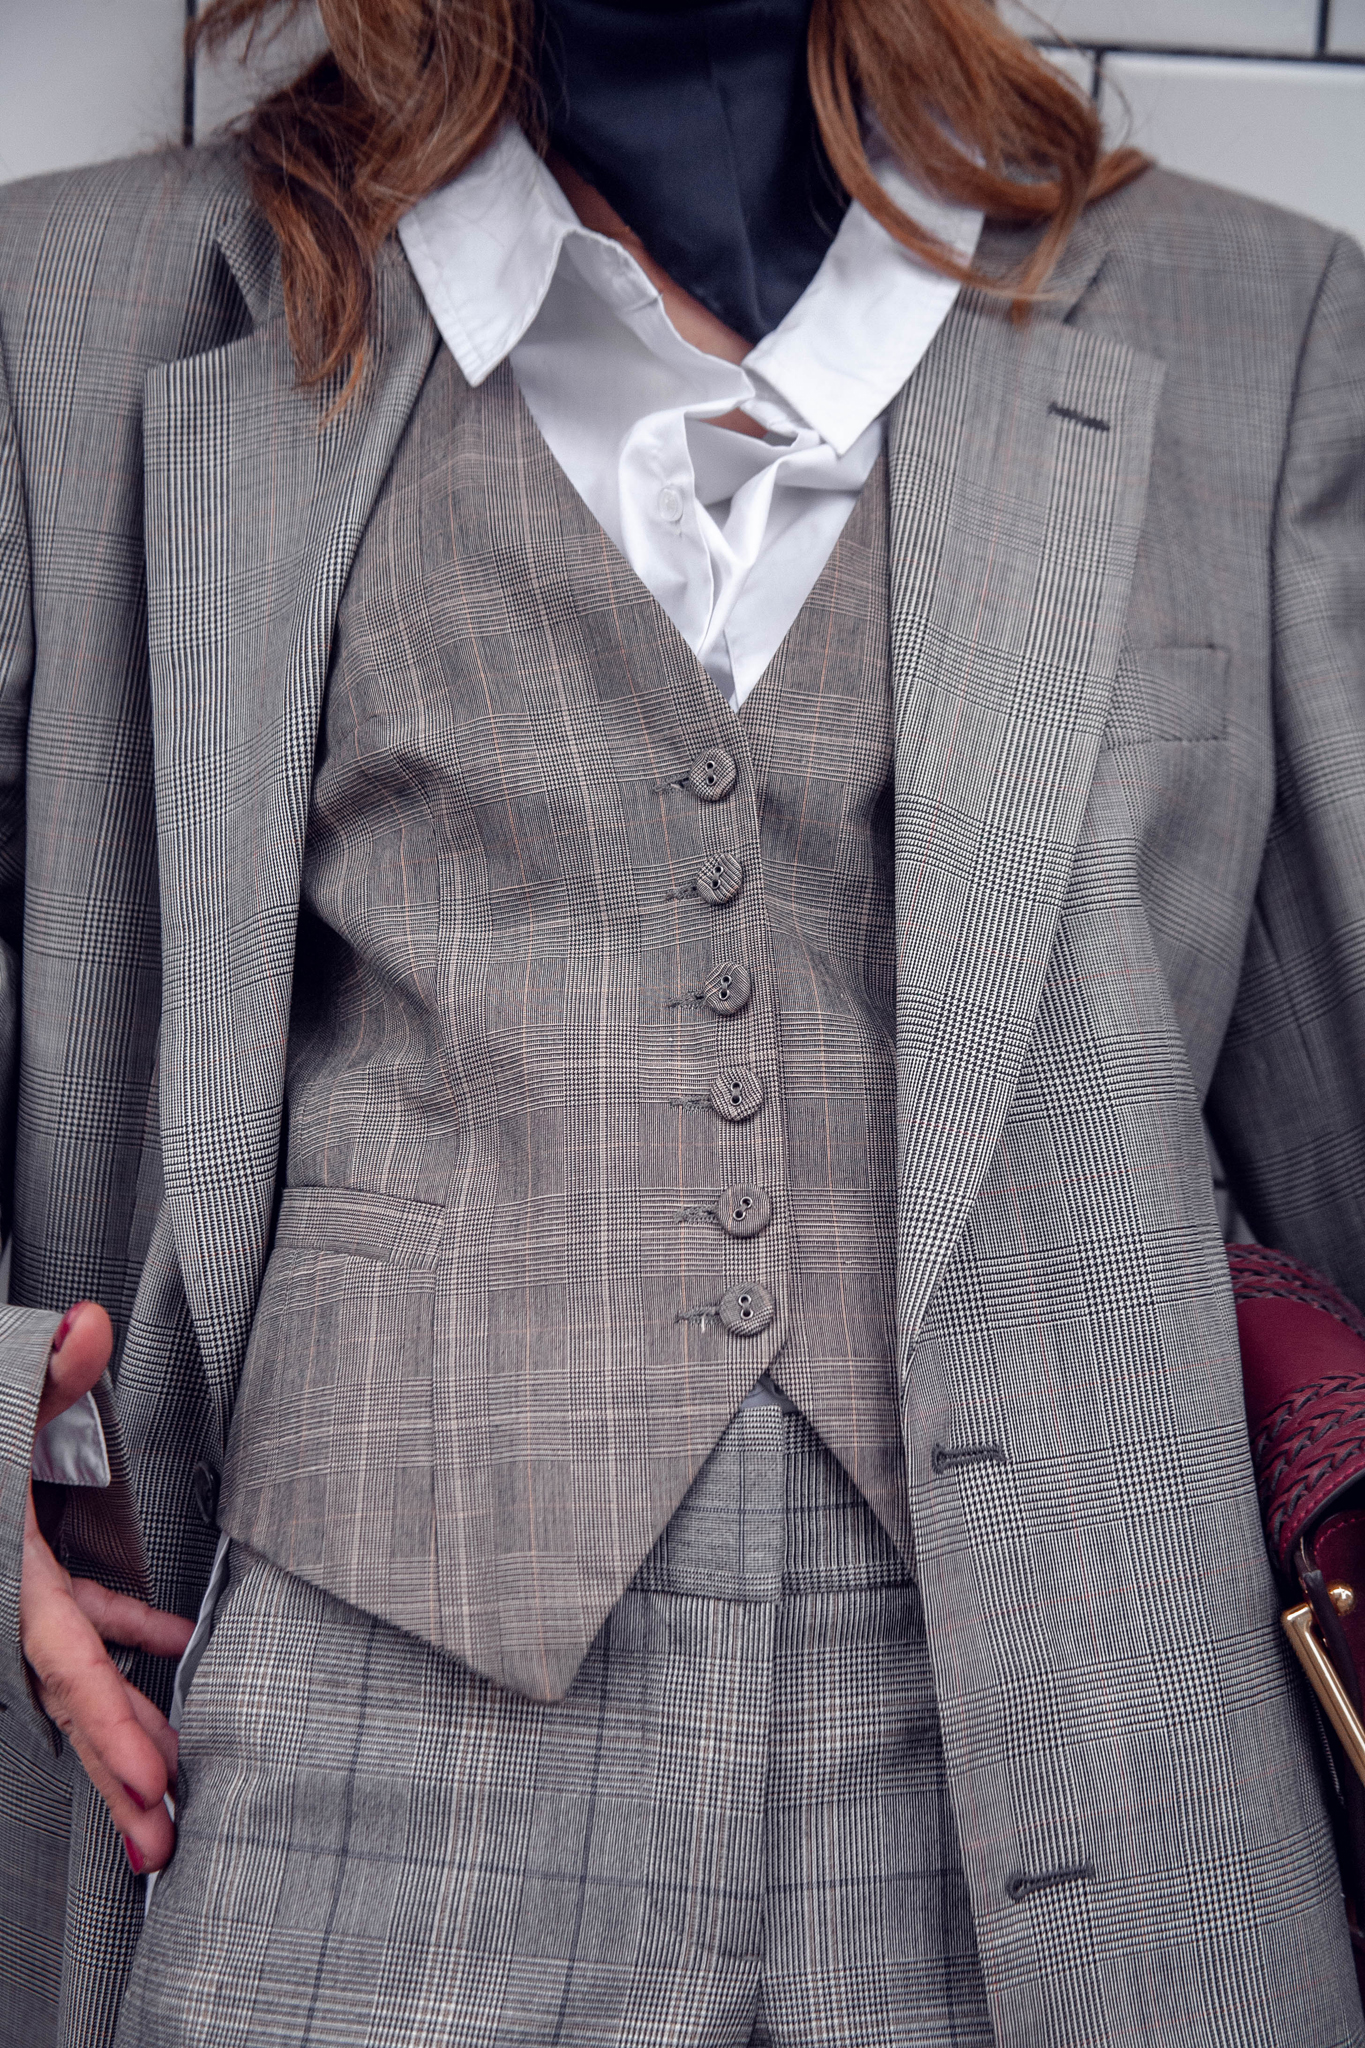 Plaid suit vest